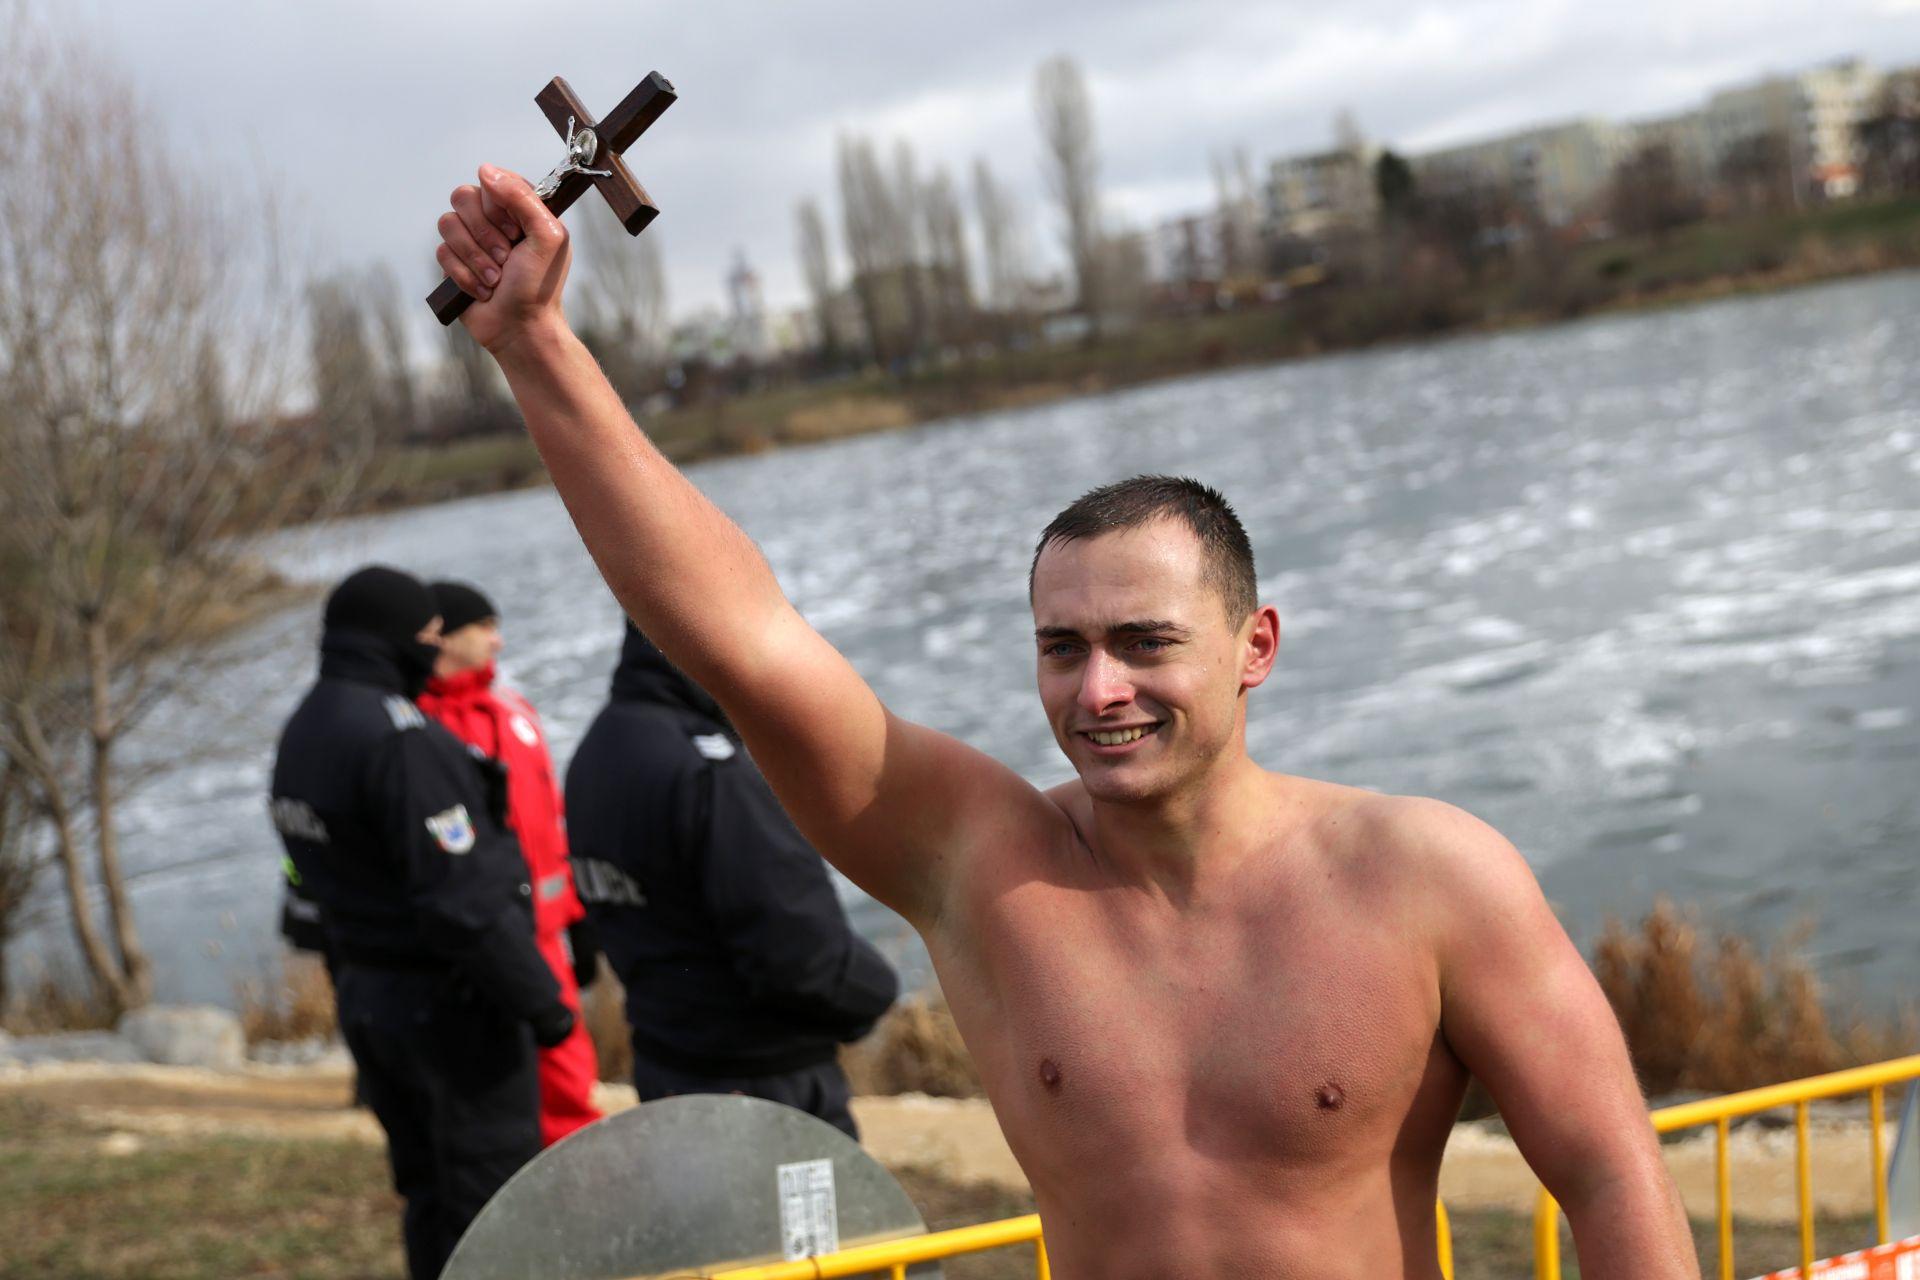 """22-годишният софиянец Александър Лебешковски отново спаси Богоявленския ръст, изваждайки го за трети път от ледените води на езерото в столичния квартал """"Дружба"""""""